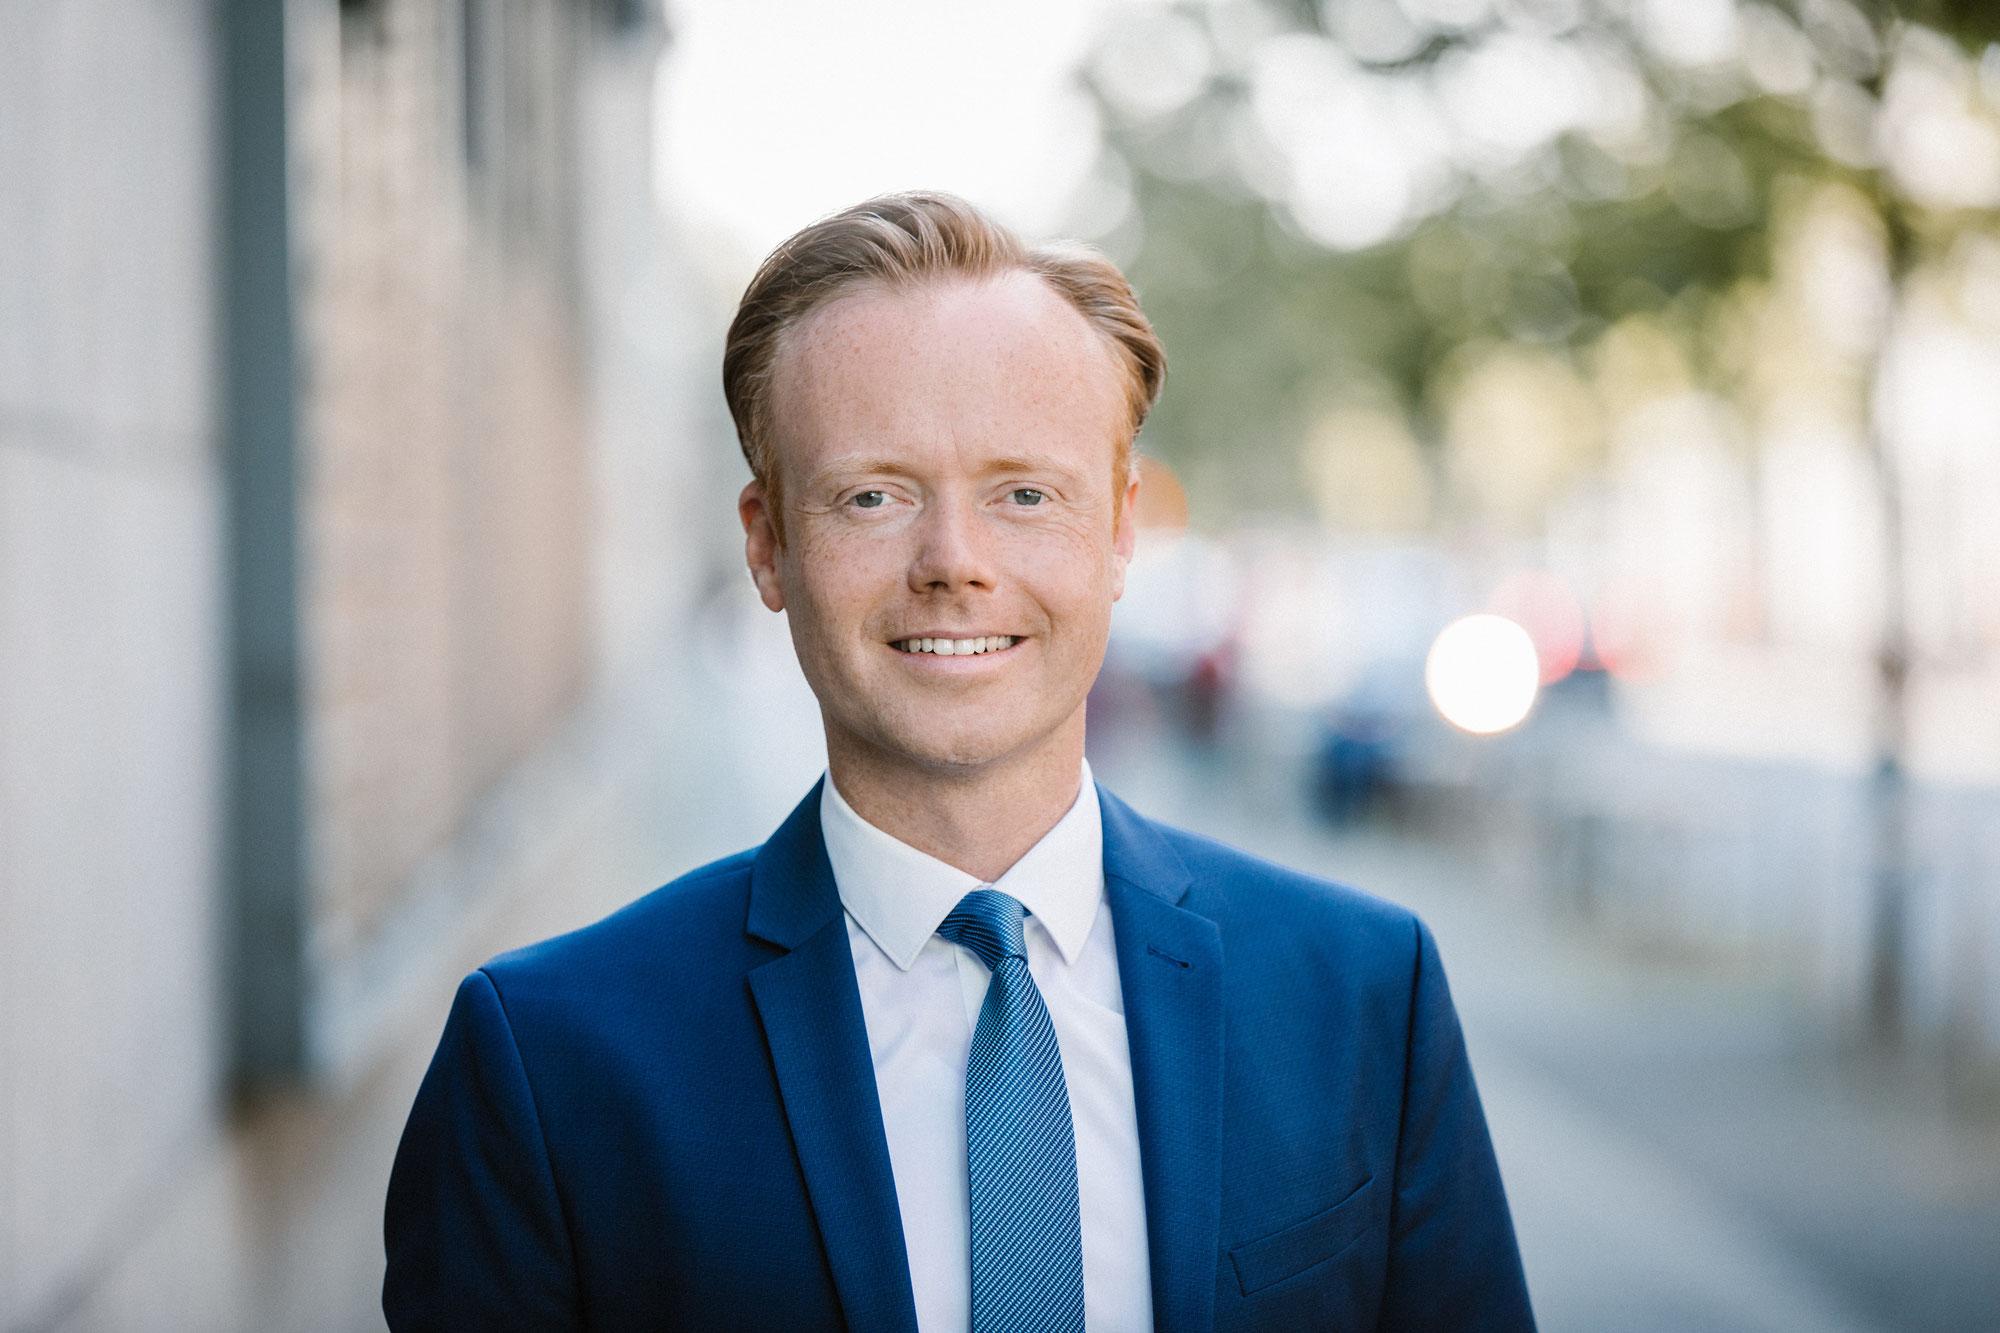 Digitales Wahlergebnis einstimmig bestätigt:  MdB Jan Metzler zum Kandidaten für die Bundestagswahl nominiert